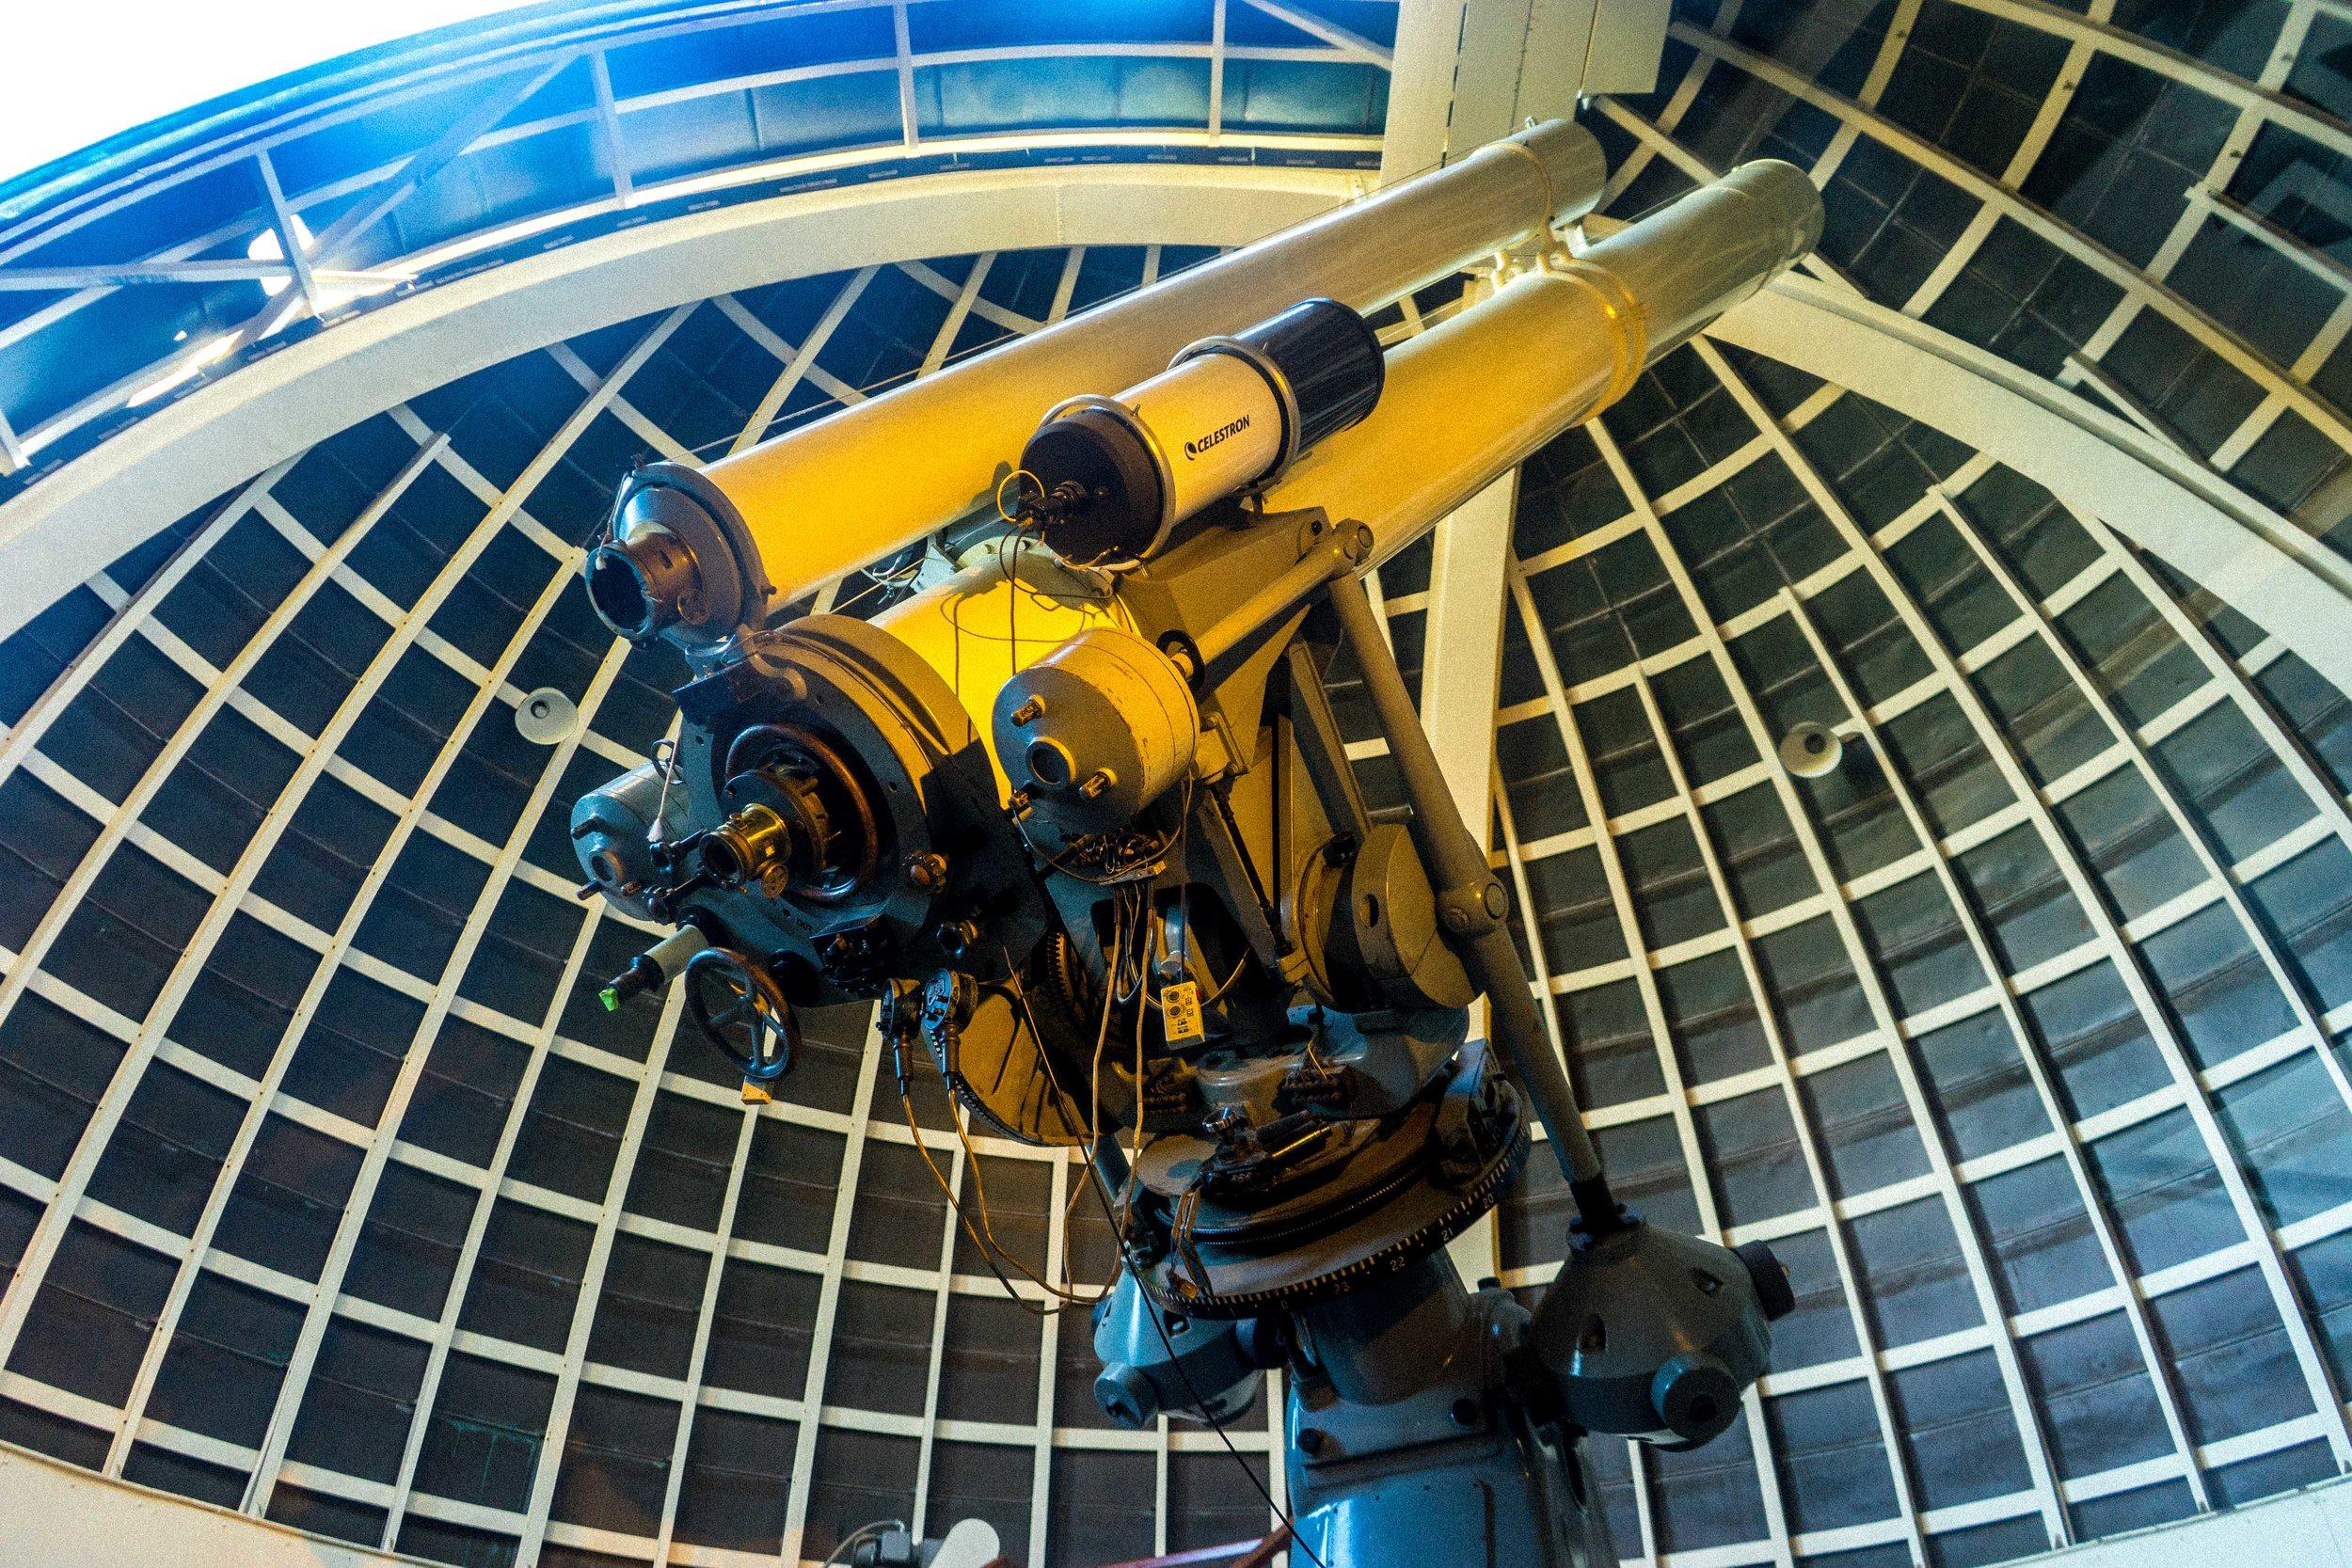 晚上的時候,就能夠利用12寸的巨型天文望遠鏡,探索遙遠的銀河太空!